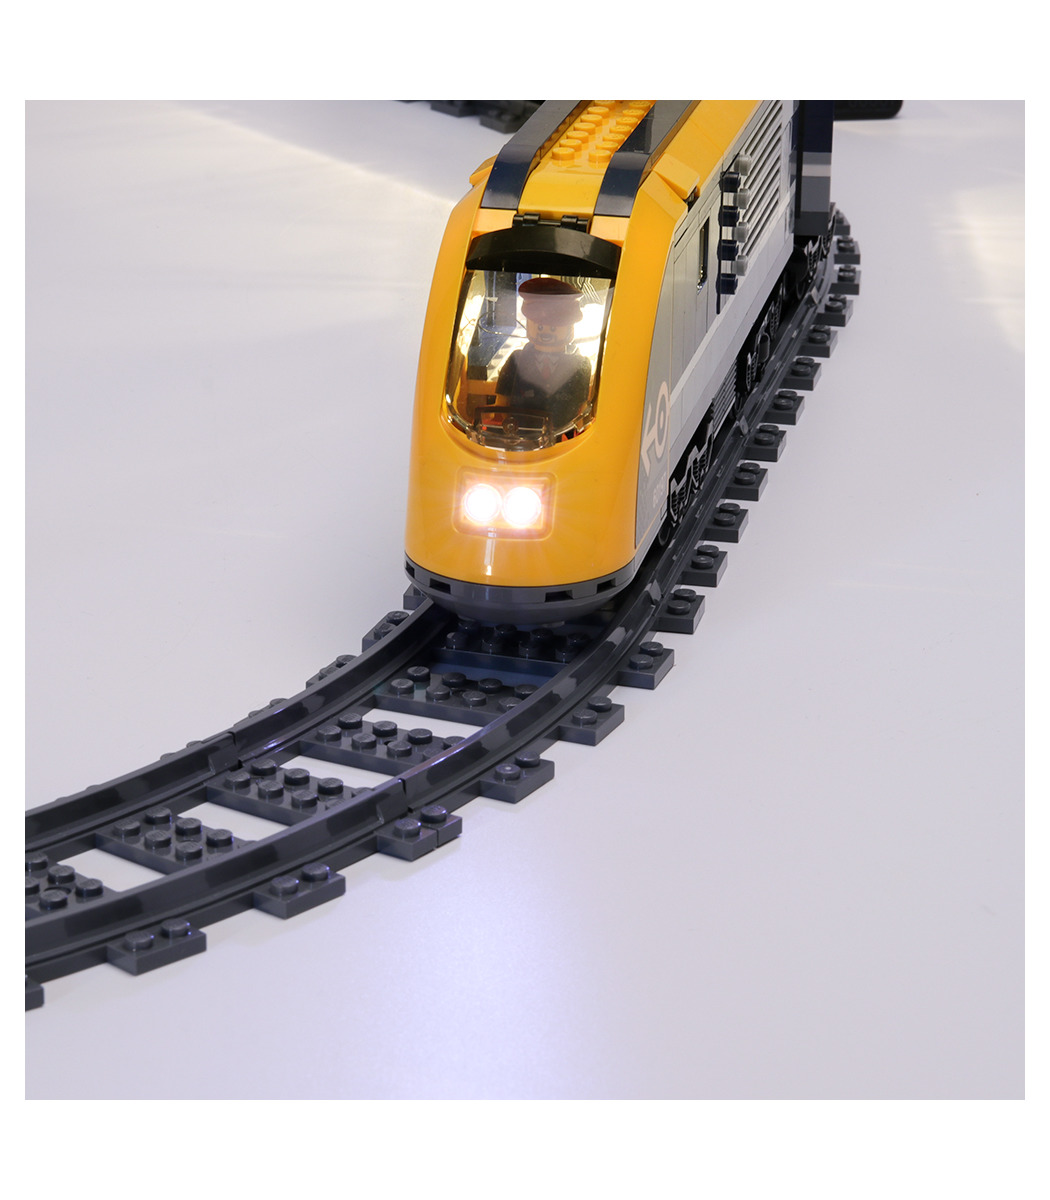 USB LED Light Lighting Kit For LEGO 60197 Passenger Train Building Block